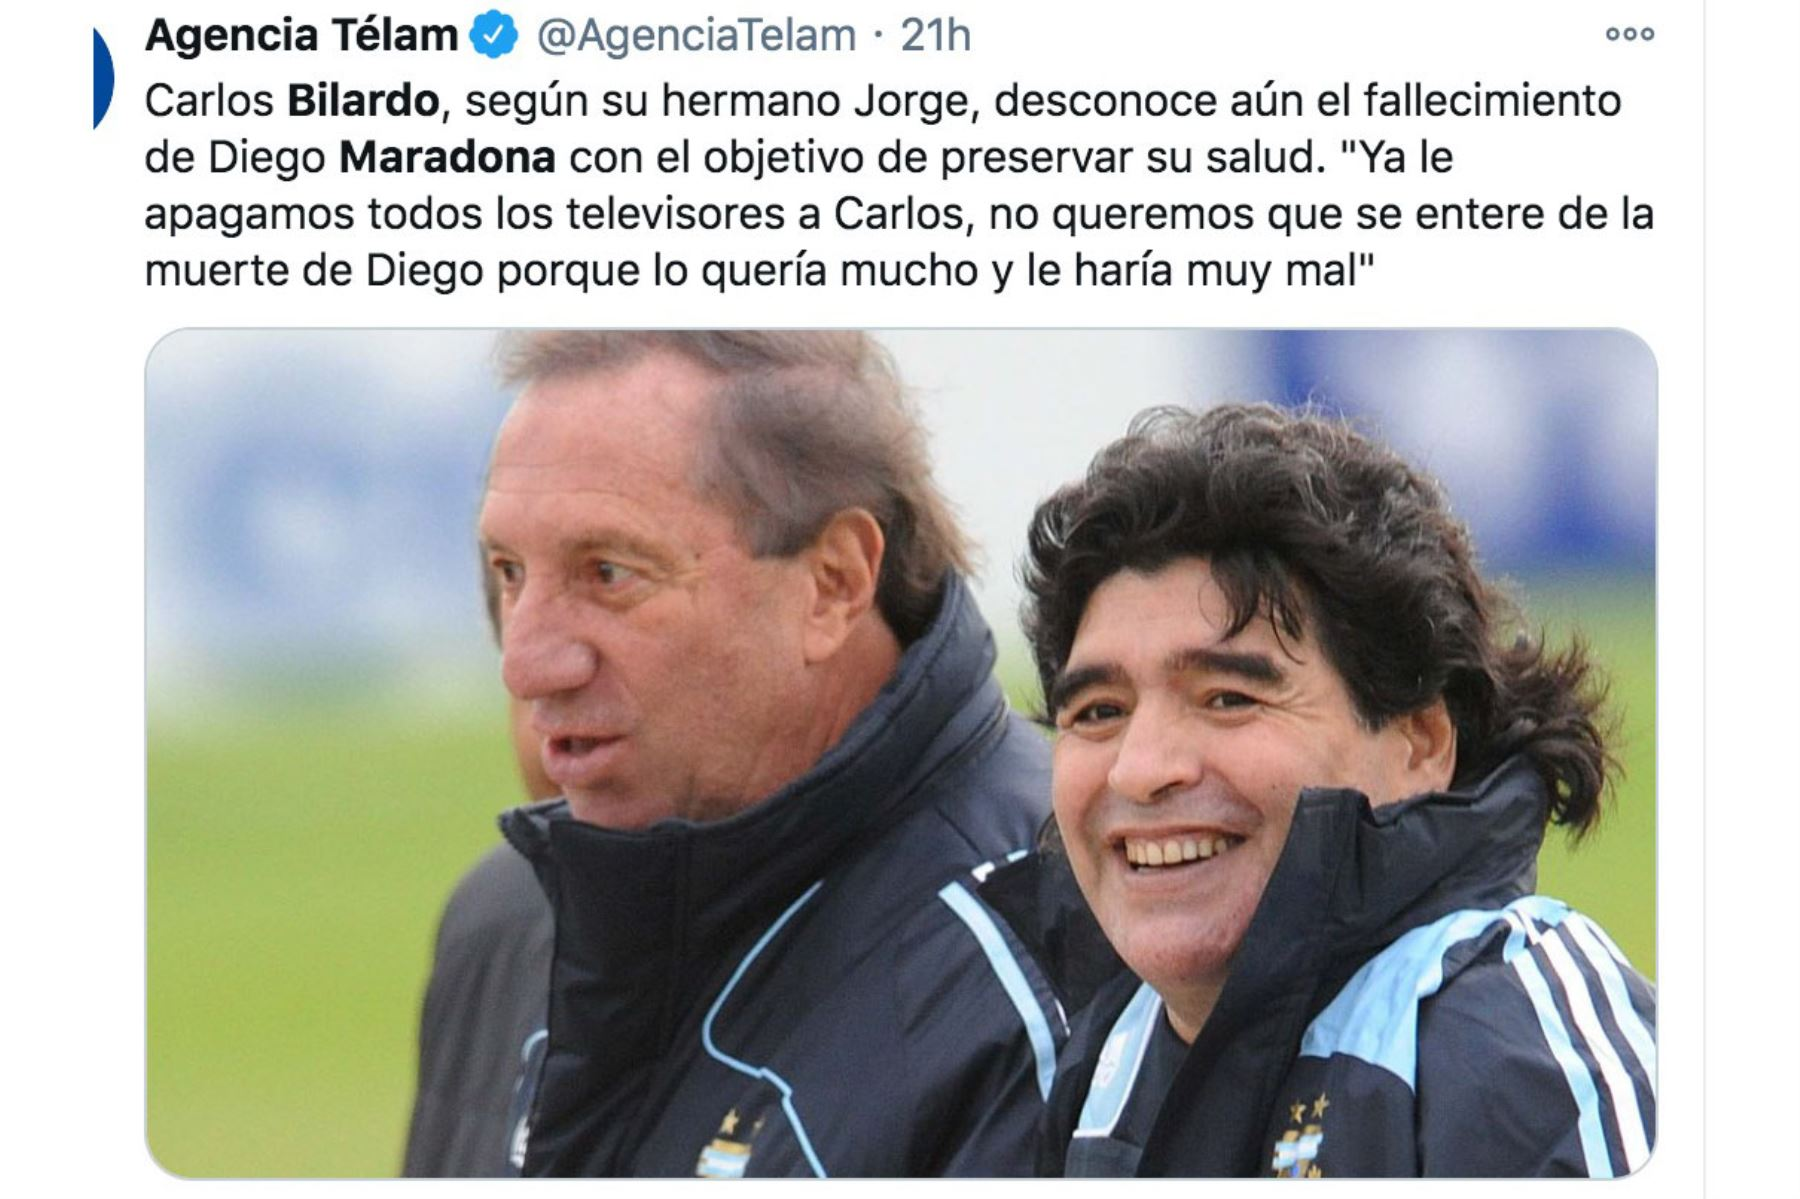 """Jorge Bilardo dijo que a su hermano Carlos Bilardo """"le apagaron toda la televisión y le dijeron que se había cortado el cable"""", para que no se entere por los medios de la noticia de la muerte de Diego Armando Maradona. Foto: Agencia Télam"""